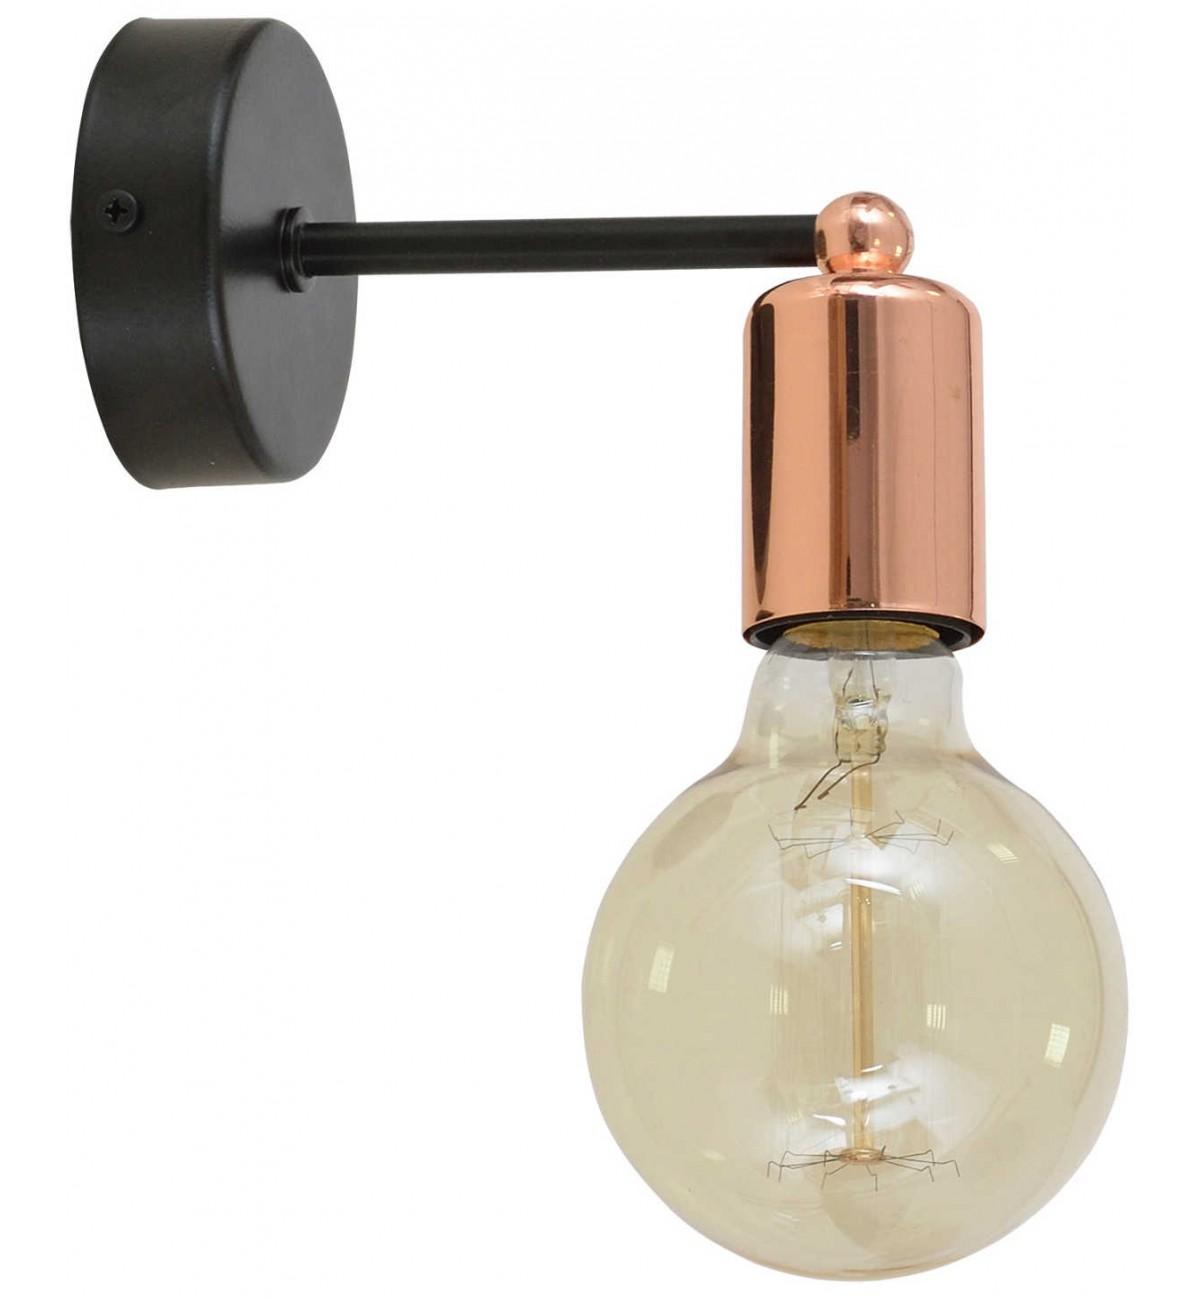 nowoczesna lampa kinkiet loft miedz chrom Kinkiety nowoczesne